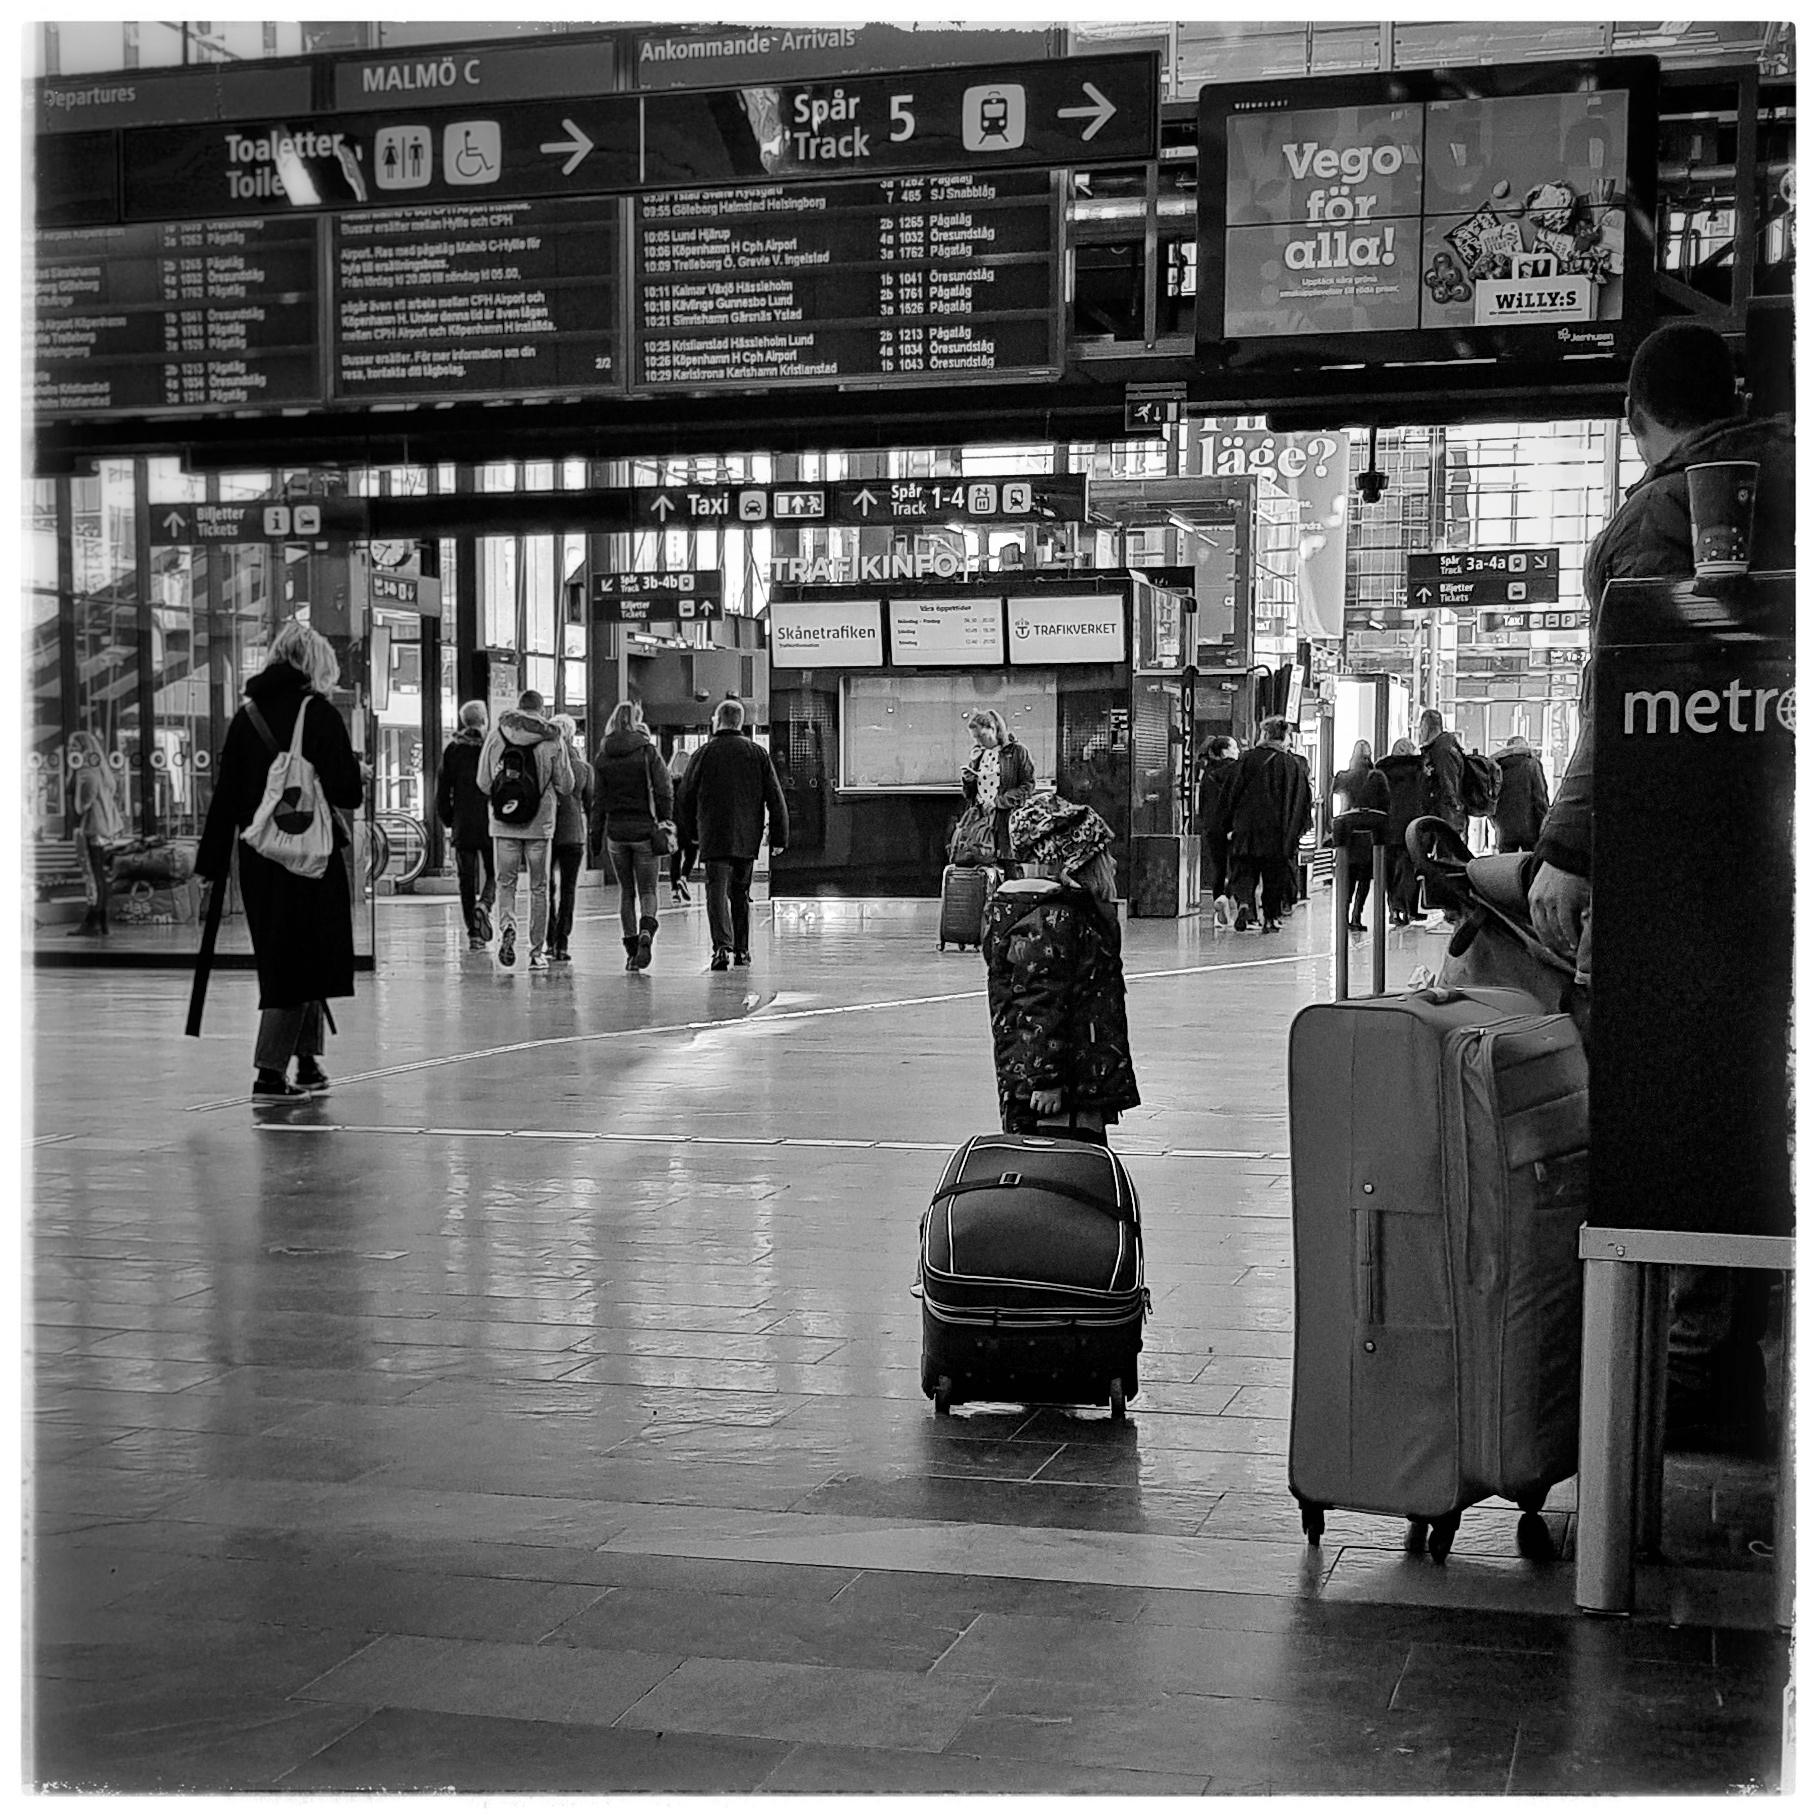 Day 307 - November 3: Little Traveler